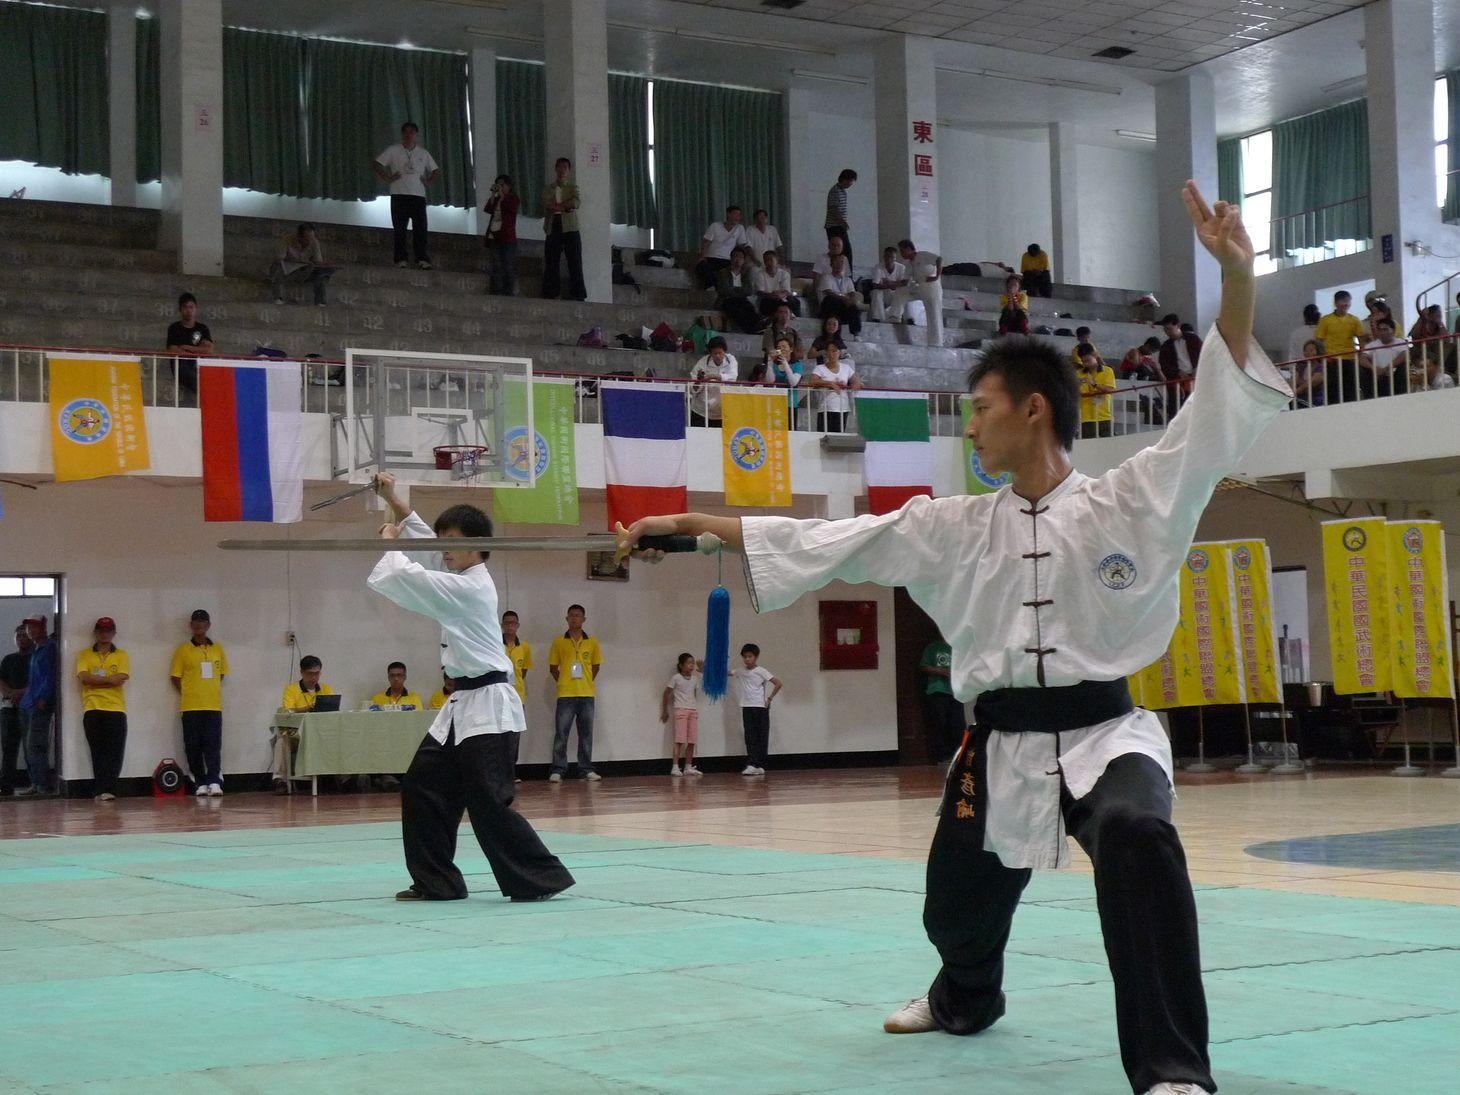 第3屆國際太極拳錦標賽